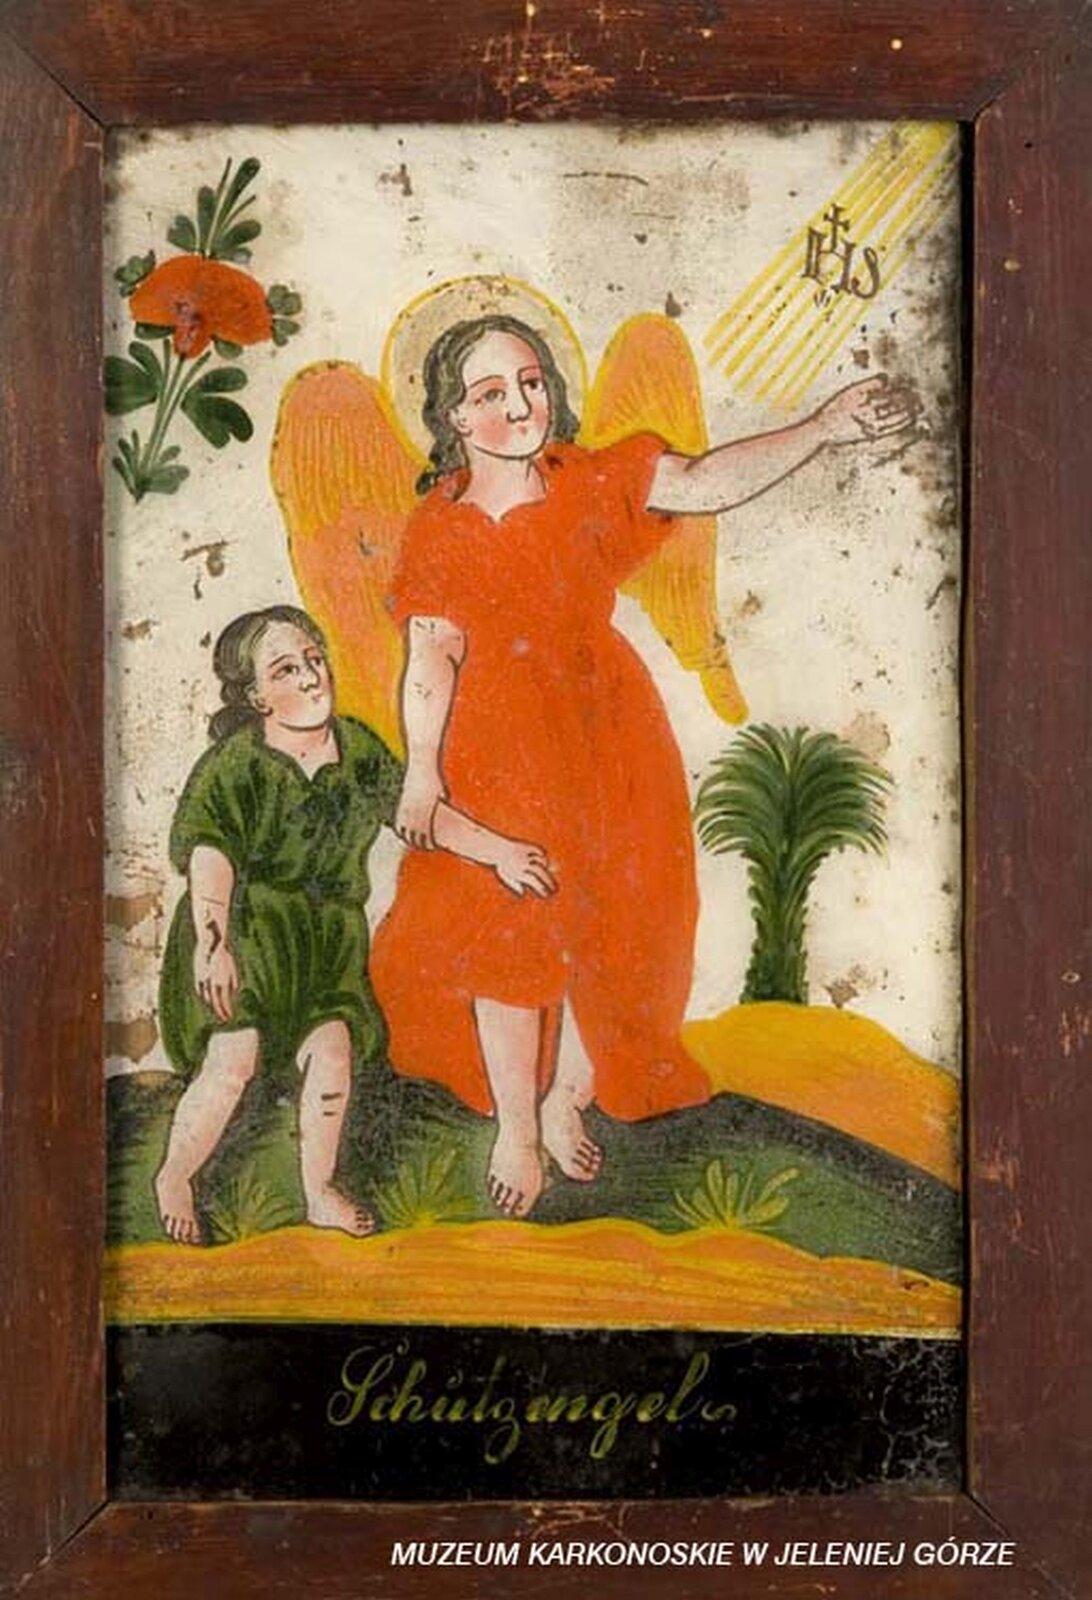 Ilustracja przedstawia malowidło na szkle, które ukazuje anioła prowadzącego za rękę dziecko. Anioł ma pomarańczową szatę, alewą ręką wskazuje na promienie boskie znapisem IHS. Dziecko jest ubrane wzieloną szatę. Wtle widać drzewo palmowe iczerwony kwiat.